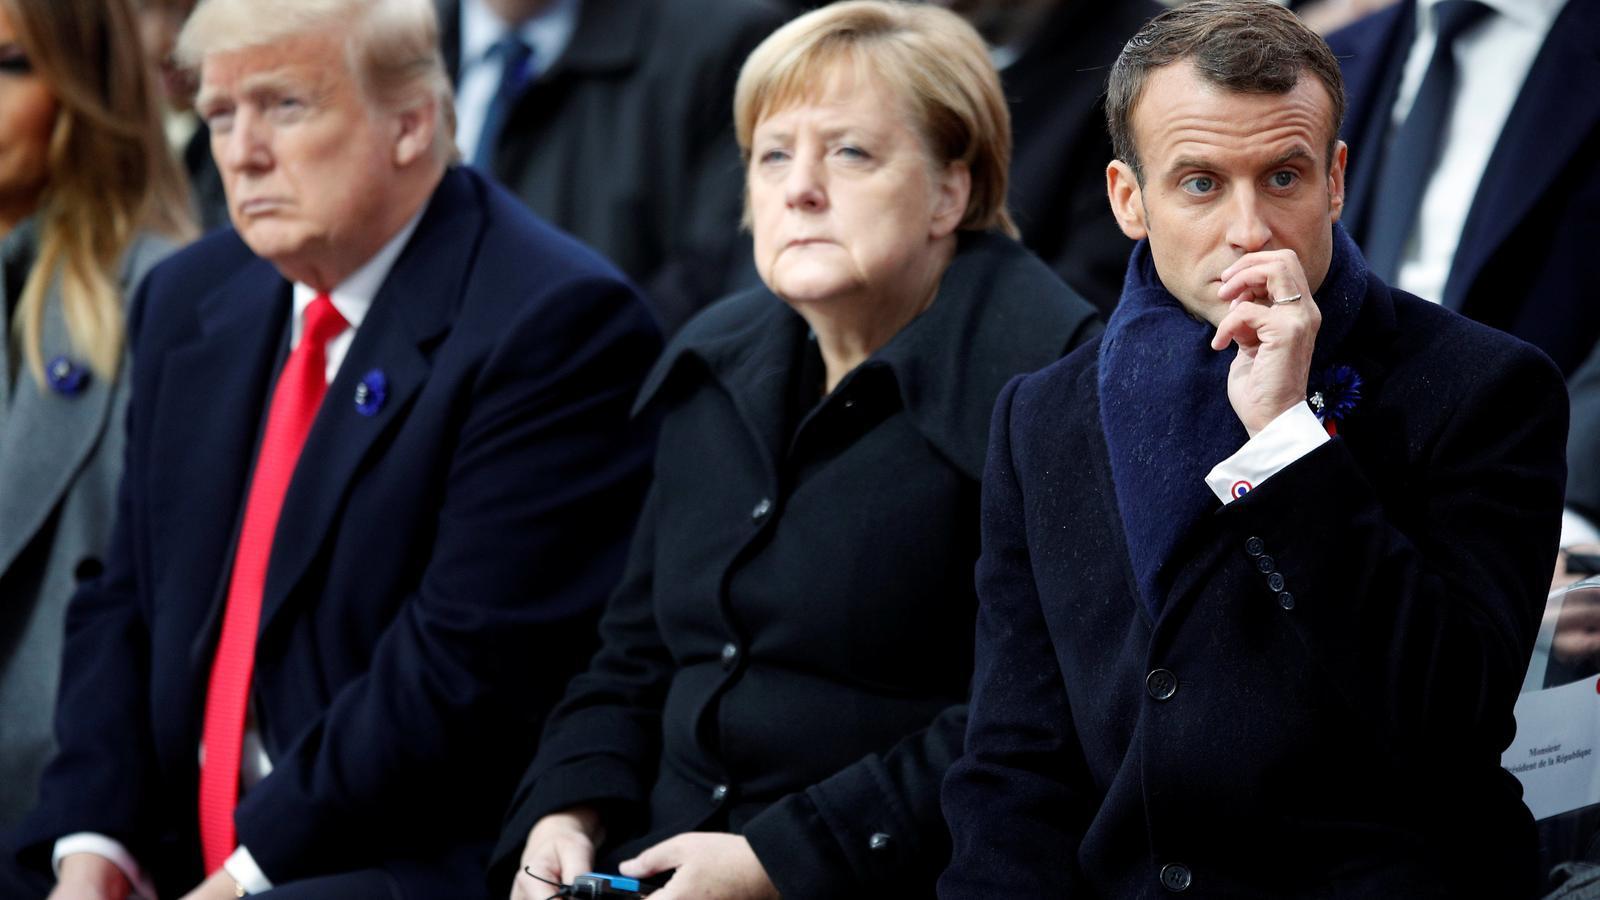 Els líders mundials Donald Trump, Angela Merkel i Emmanuel Macron a París.